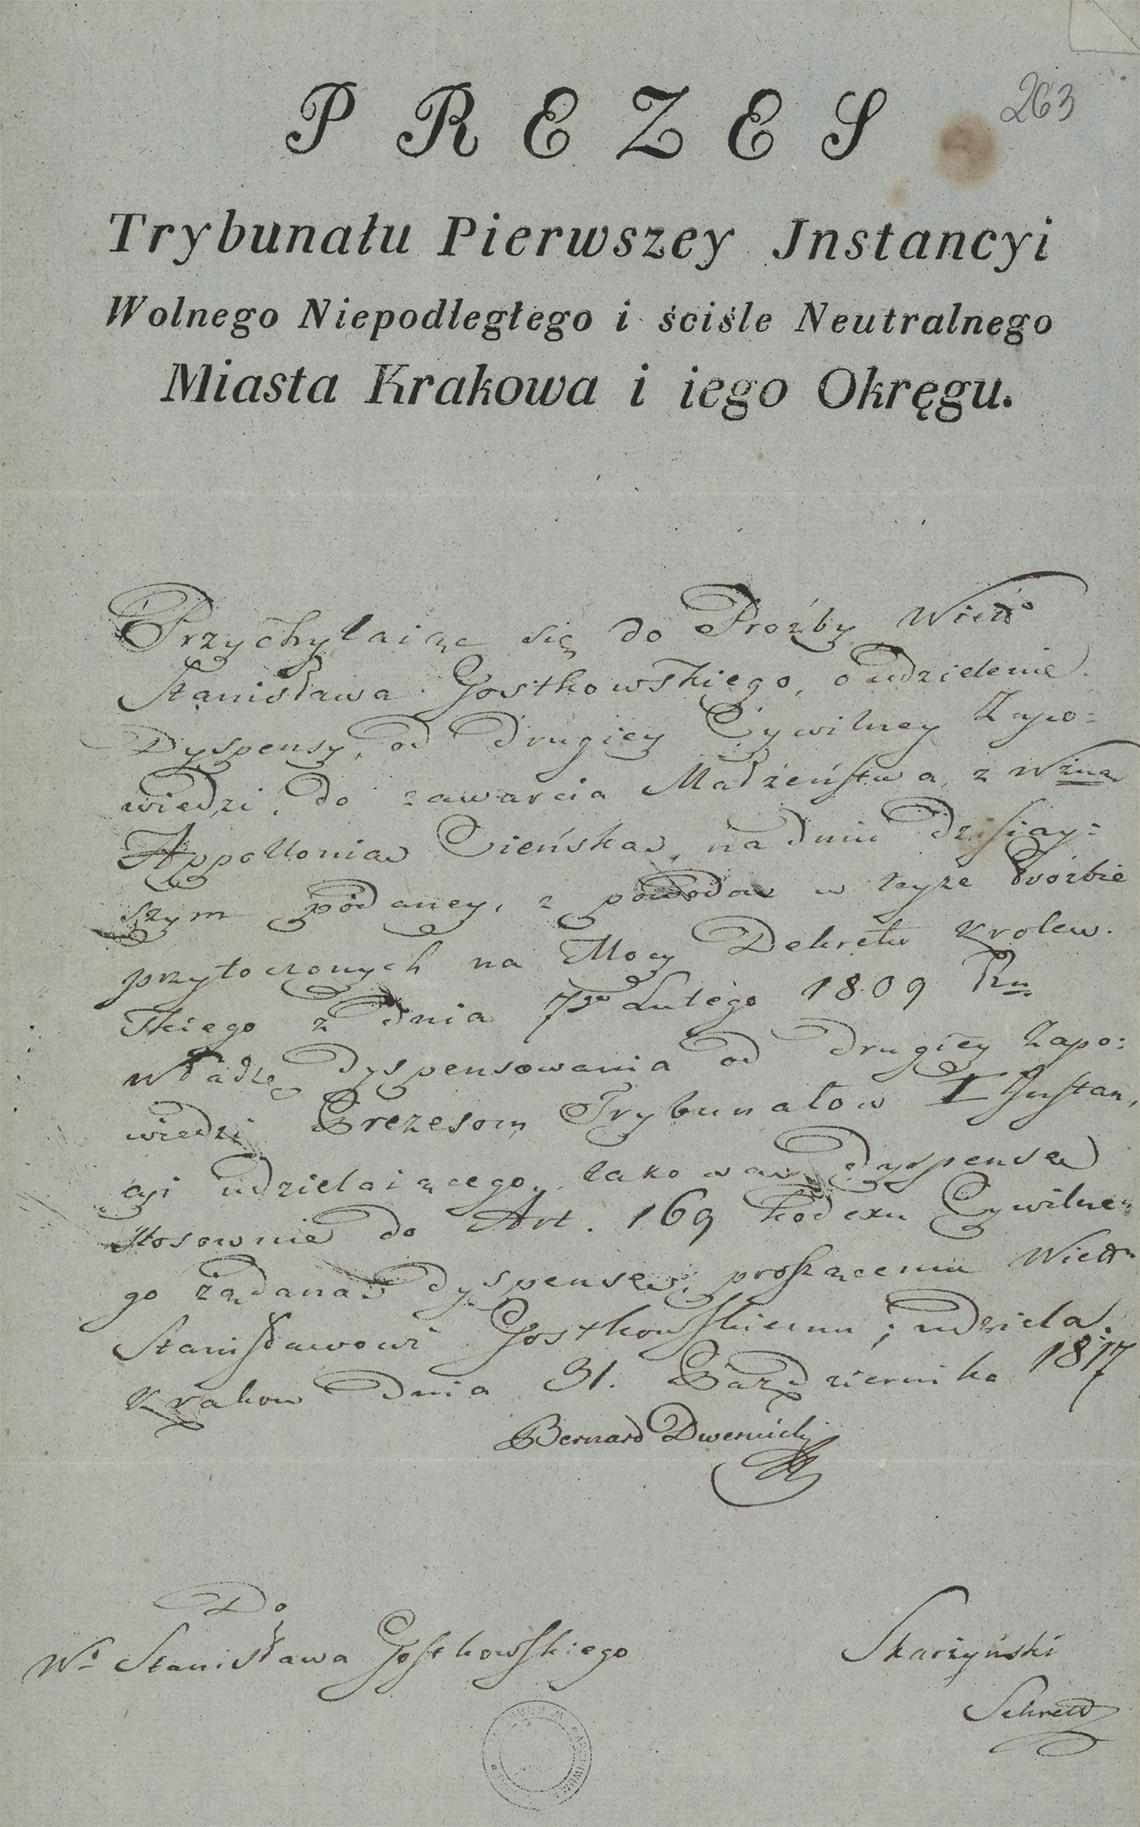 Alegaty do małżeństwa Stanisław Gostkowski & Martyna Apolonia Cieński (03.11.1817 r.) (7)